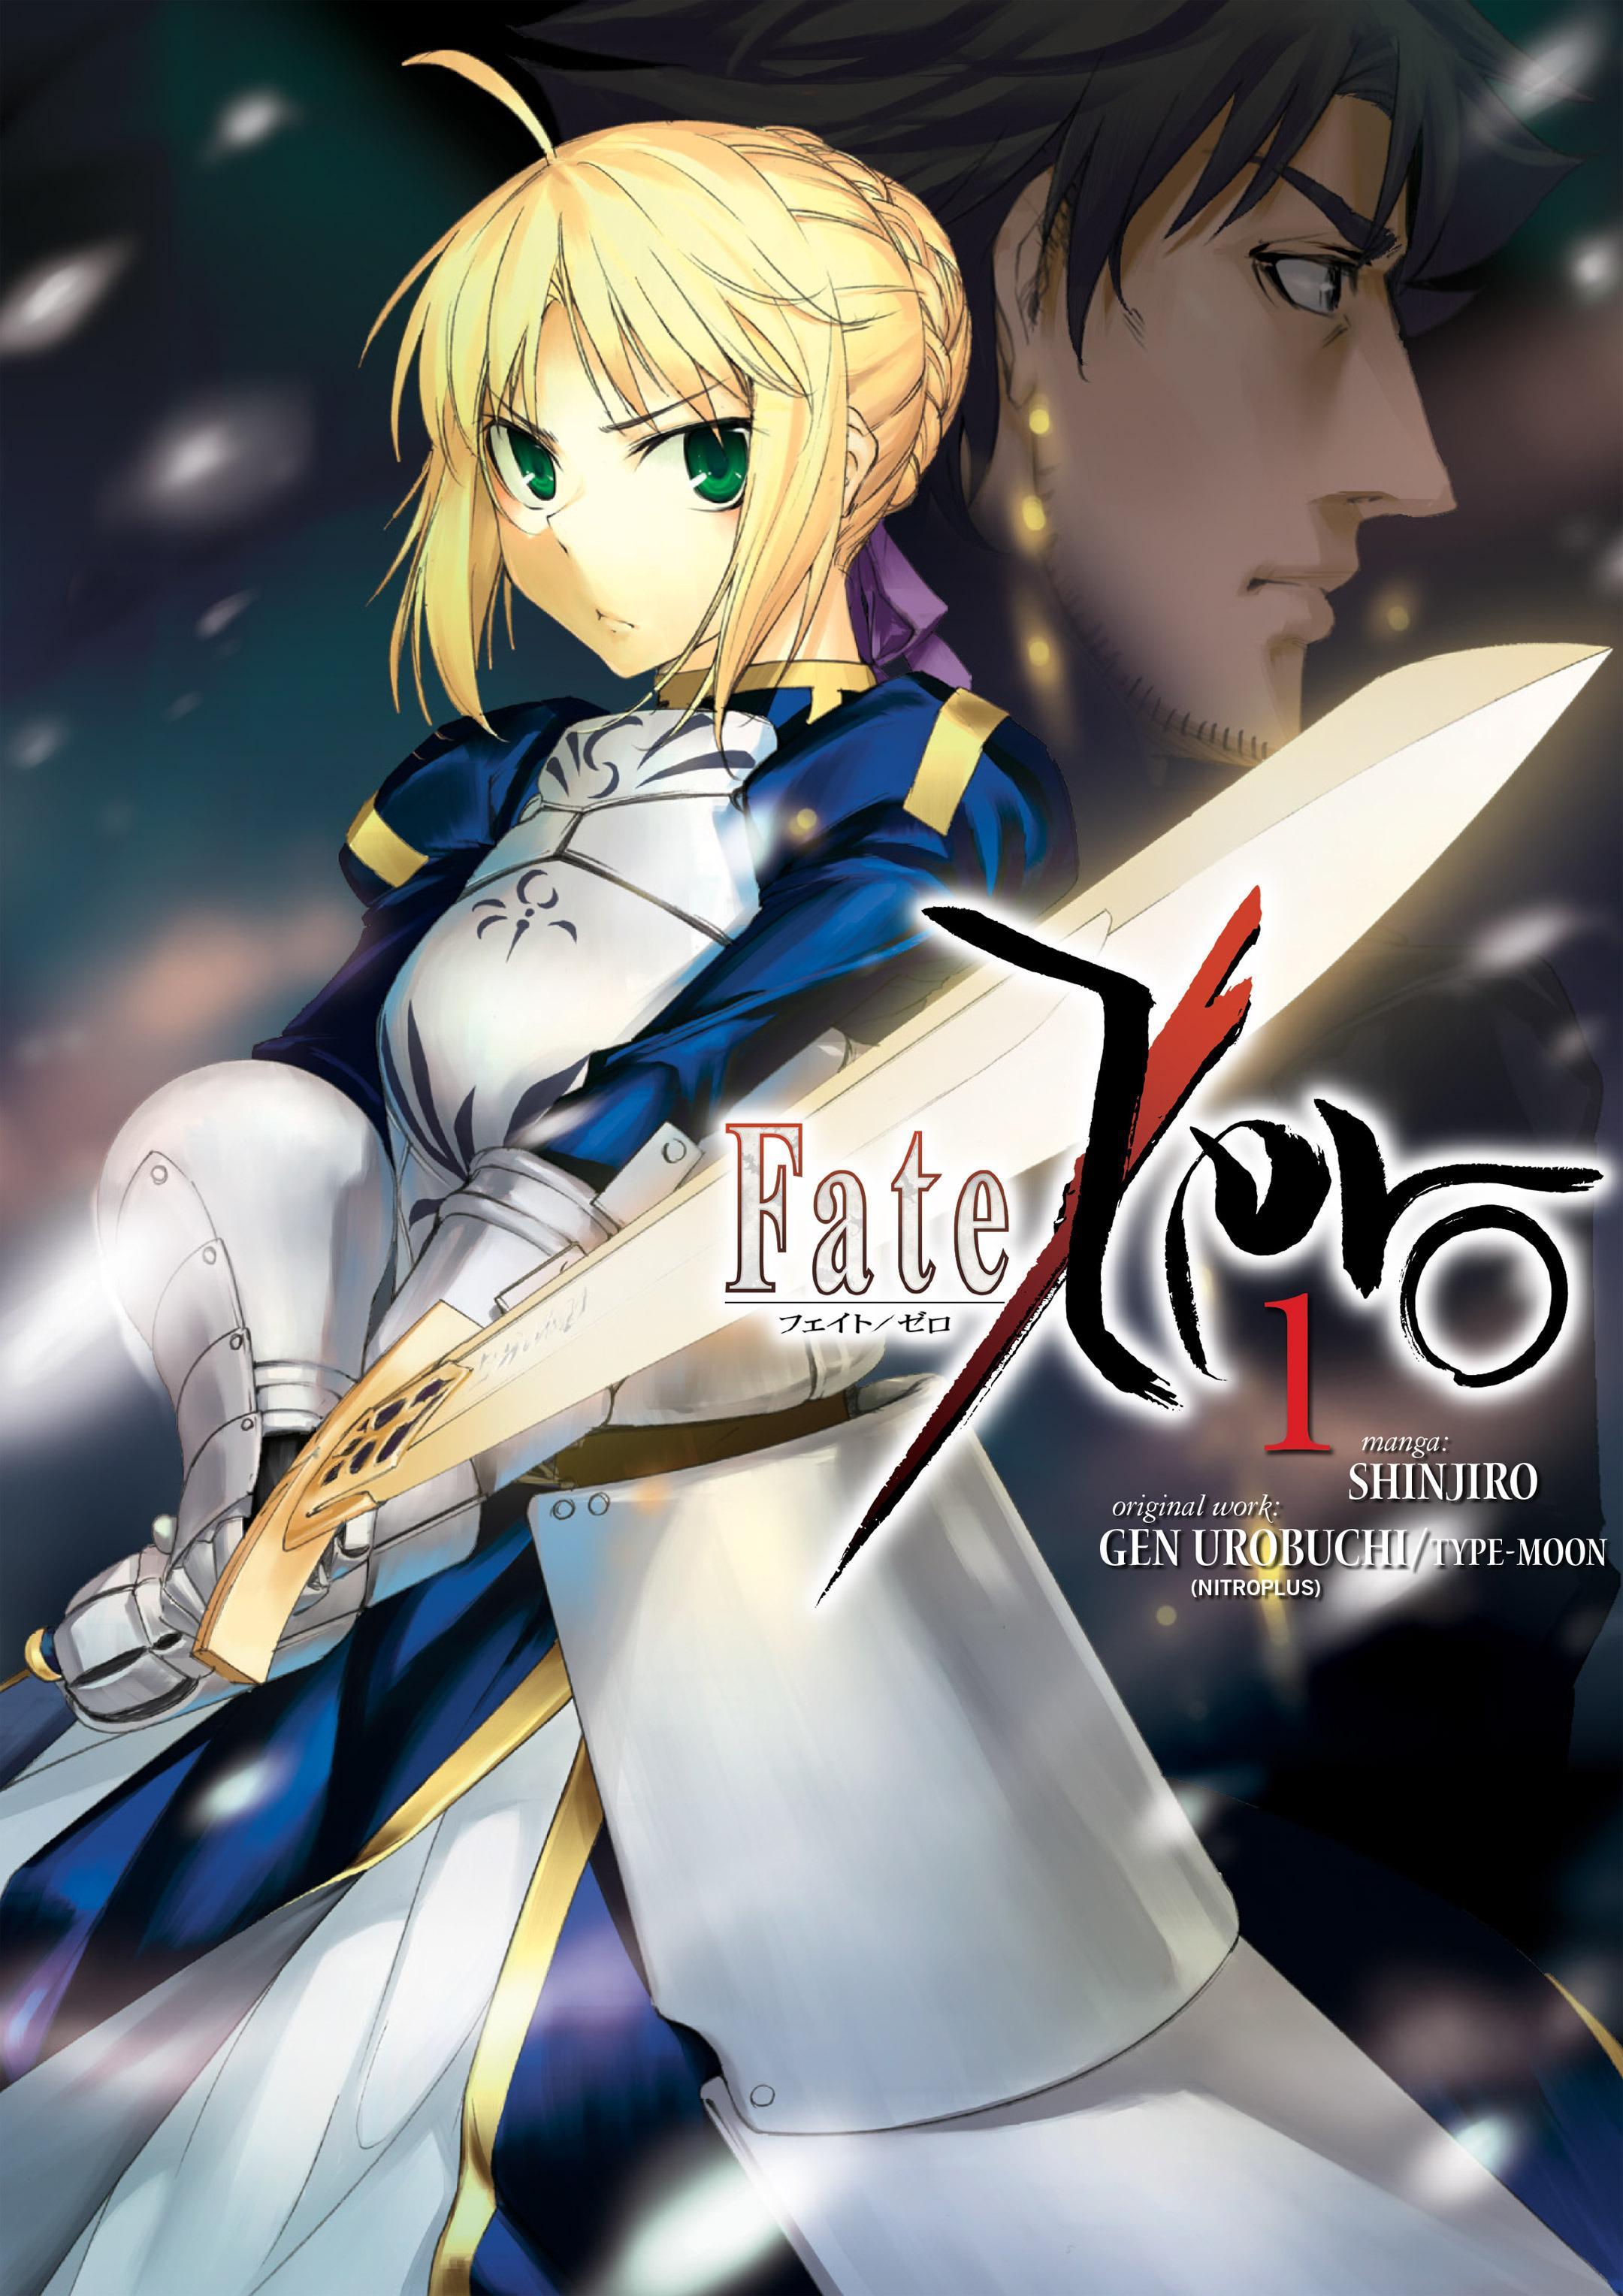 Fate Zero v01 2016 Digital LuCaZ